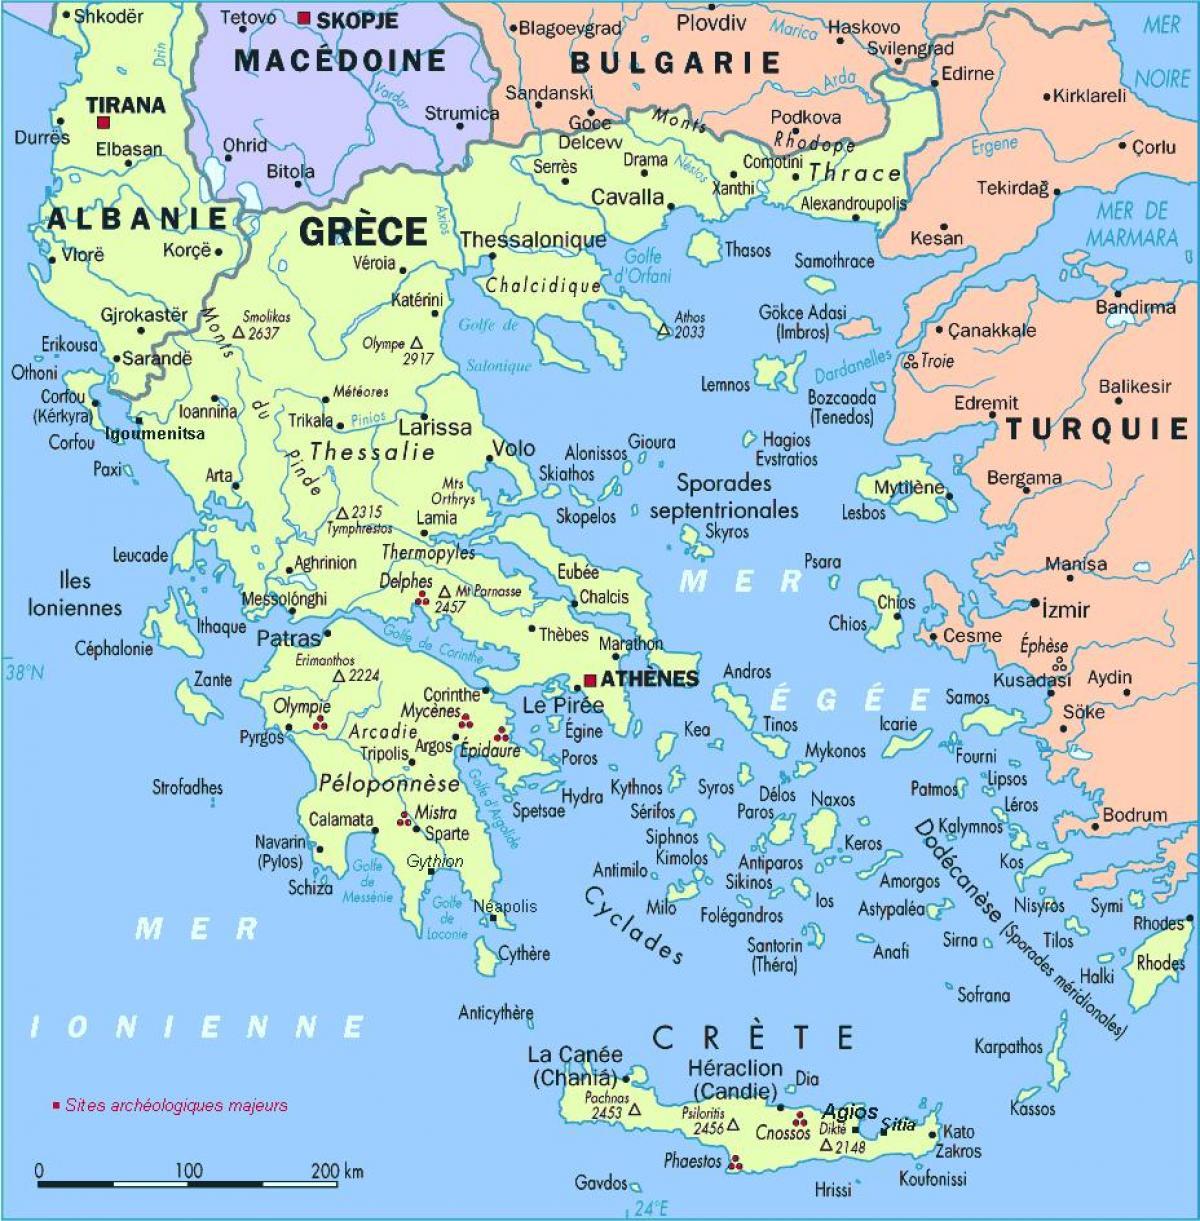 kart over hellas og øyene Hellas øyene kart   Kart over Hellas med øyer (Sør Europa   Europa) kart over hellas og øyene